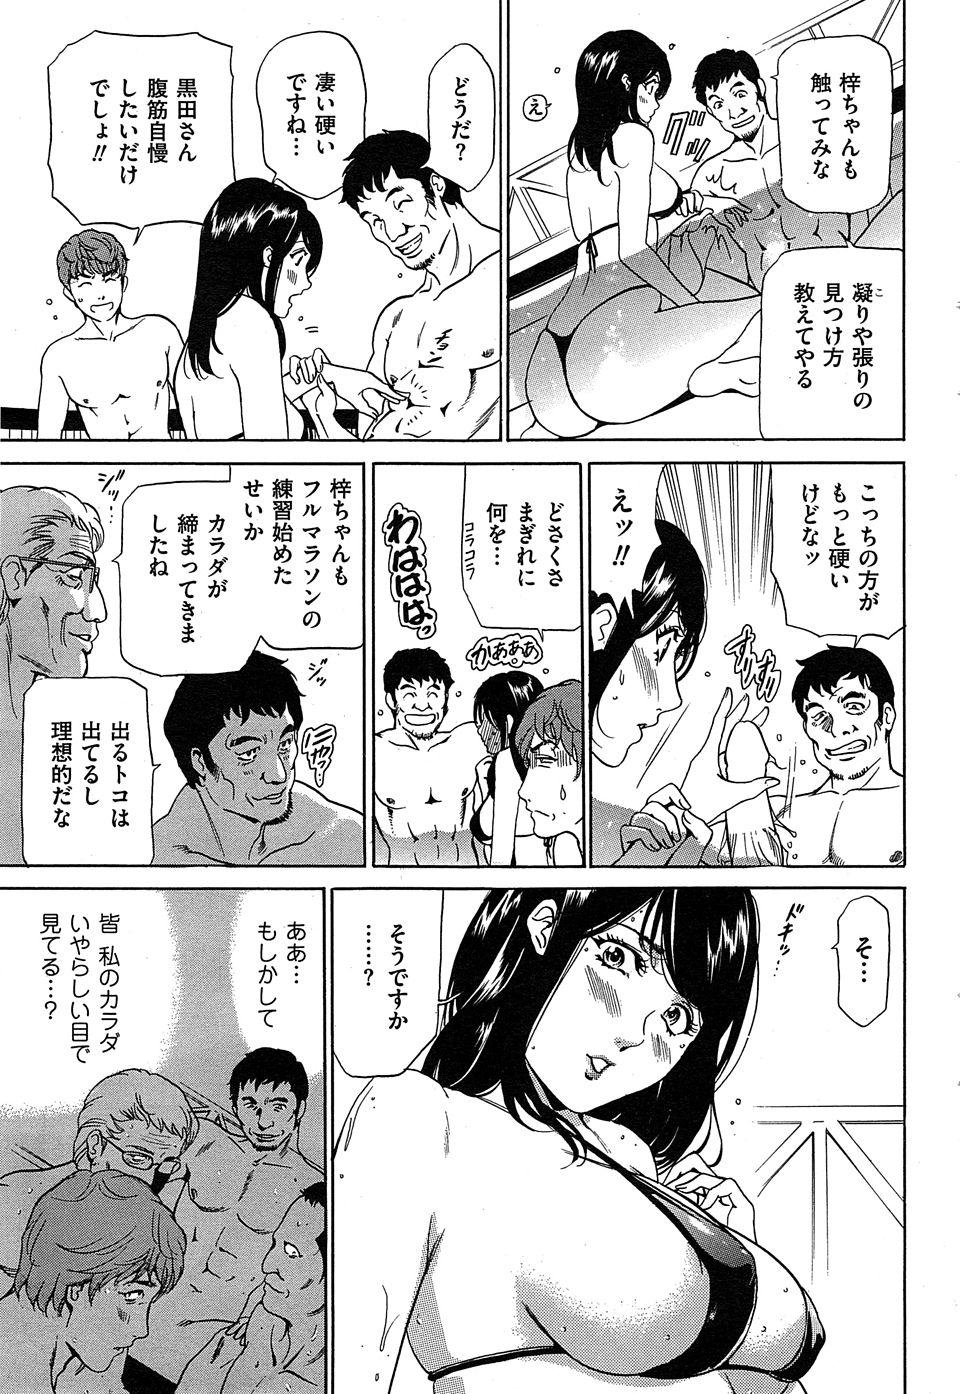 【エロ漫画・エロ同人誌】巨乳OLがジョギングの走友会仲間と乱交エッチしてるwww (9)